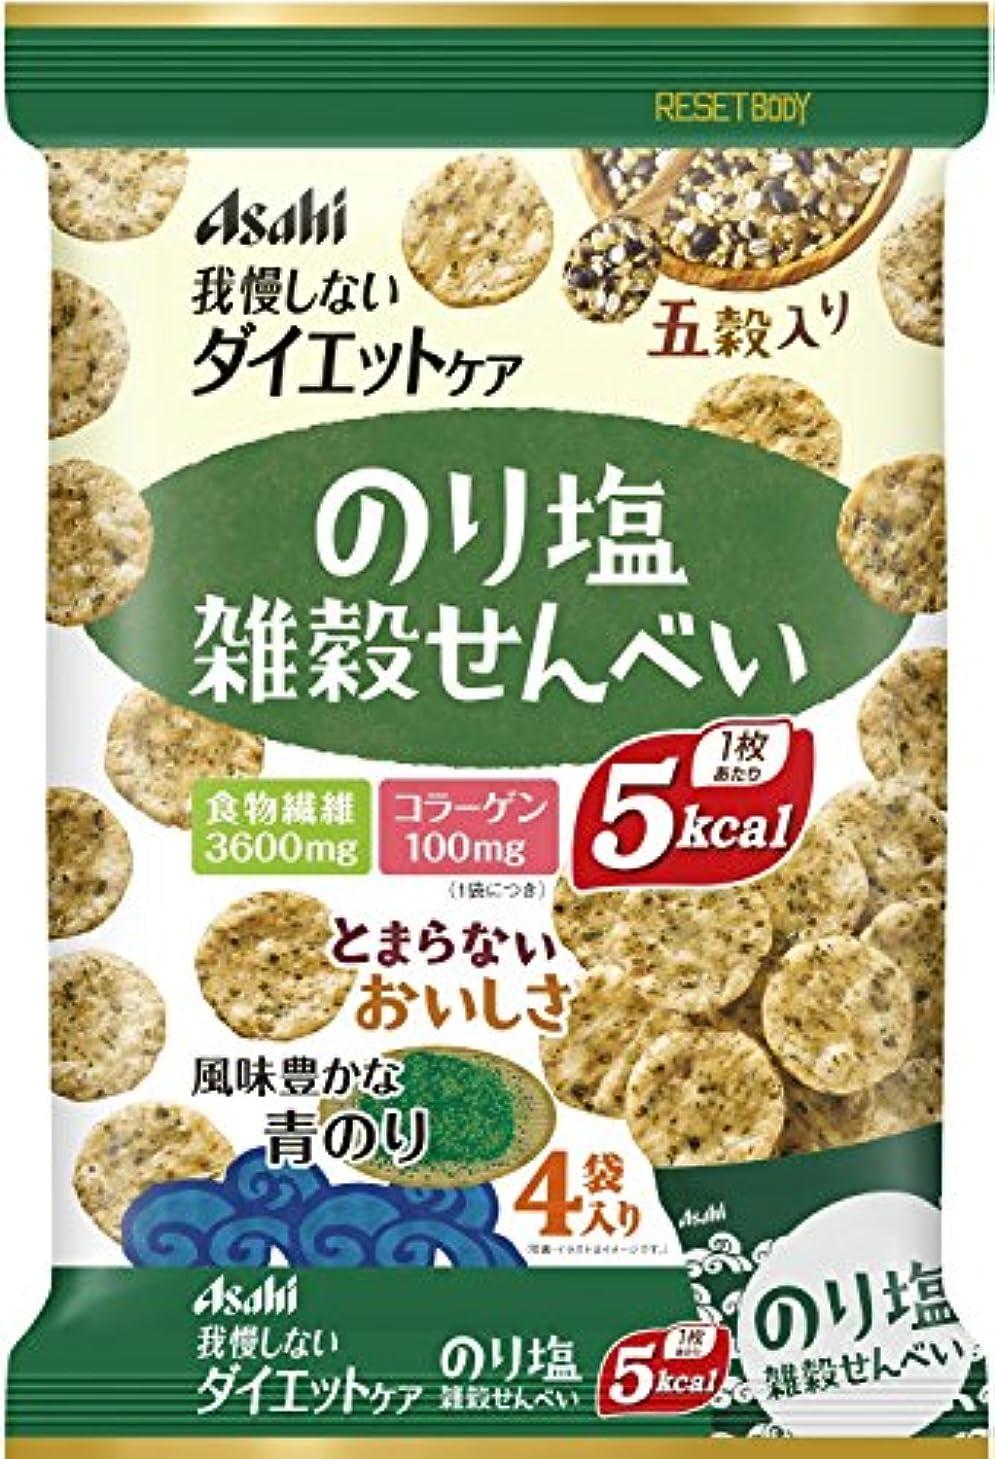 ナイトスポット名前でリセットボディ 雑穀せんべい のり塩味 88g(22g×4袋)